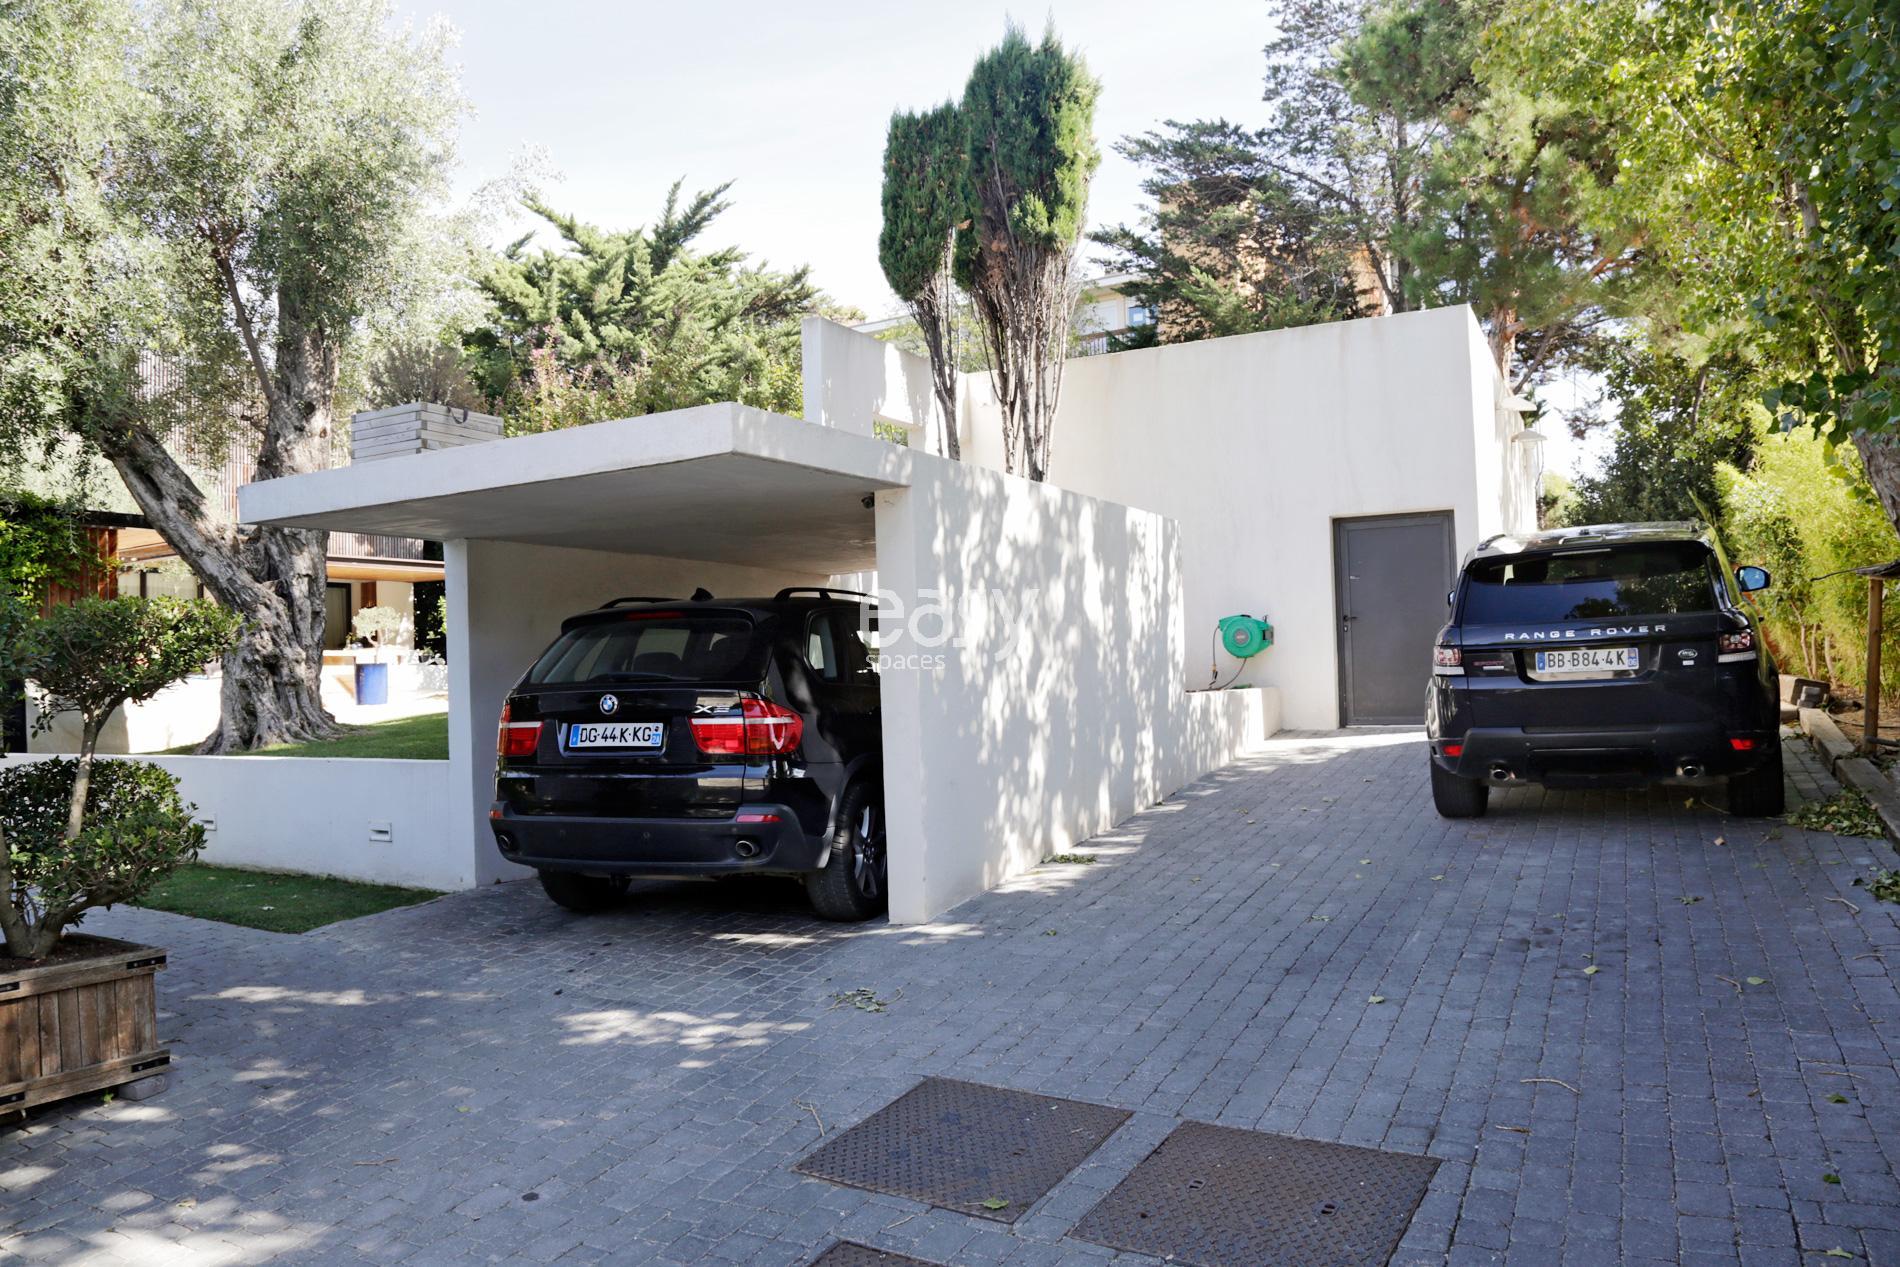 Location maison contemporaine tournage et photo marseille for Cherche a louer garage